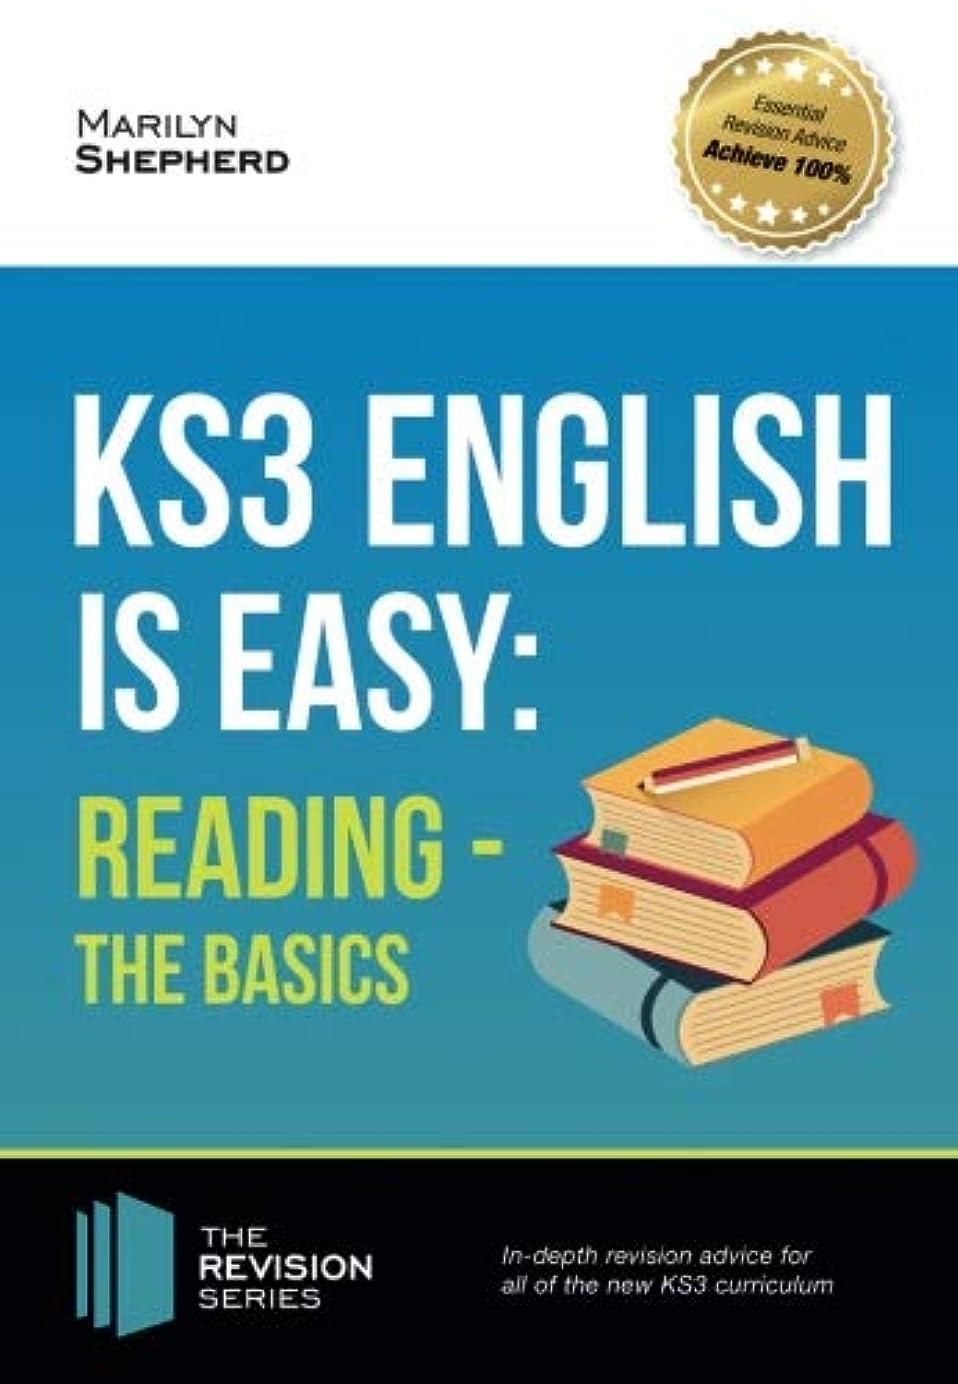 聴覚障害者盟主奨学金KS3: English is Easy Reading (the Basics) Complete Guidance for the New KS3 Curriculum. Achieve 100% (Ks3 English Is Easy)